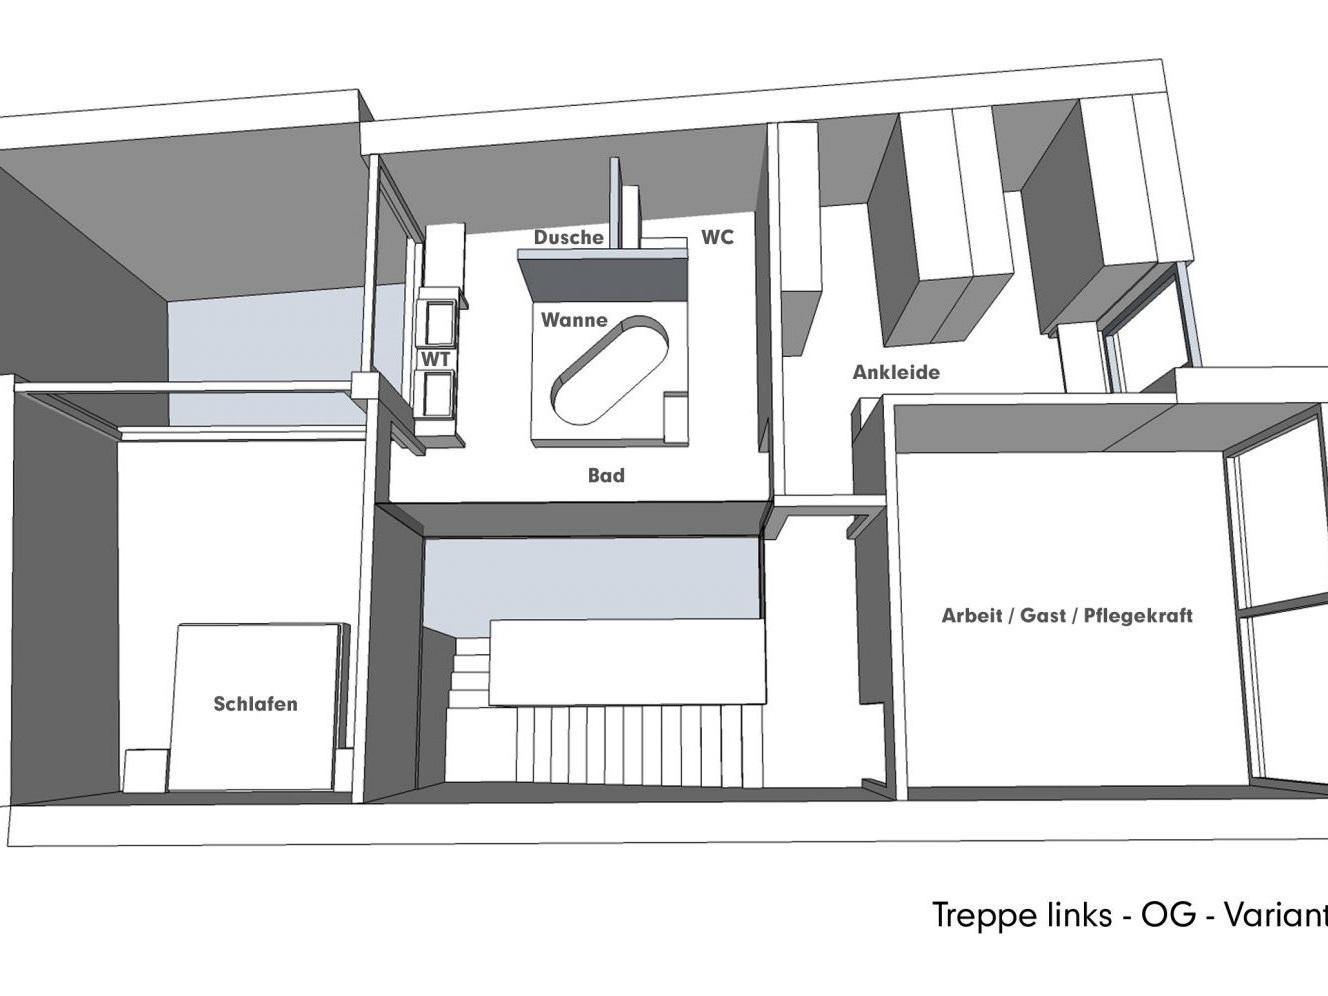 Nutzungskonzepte für Neubau - Treppe links - OG - Variante A